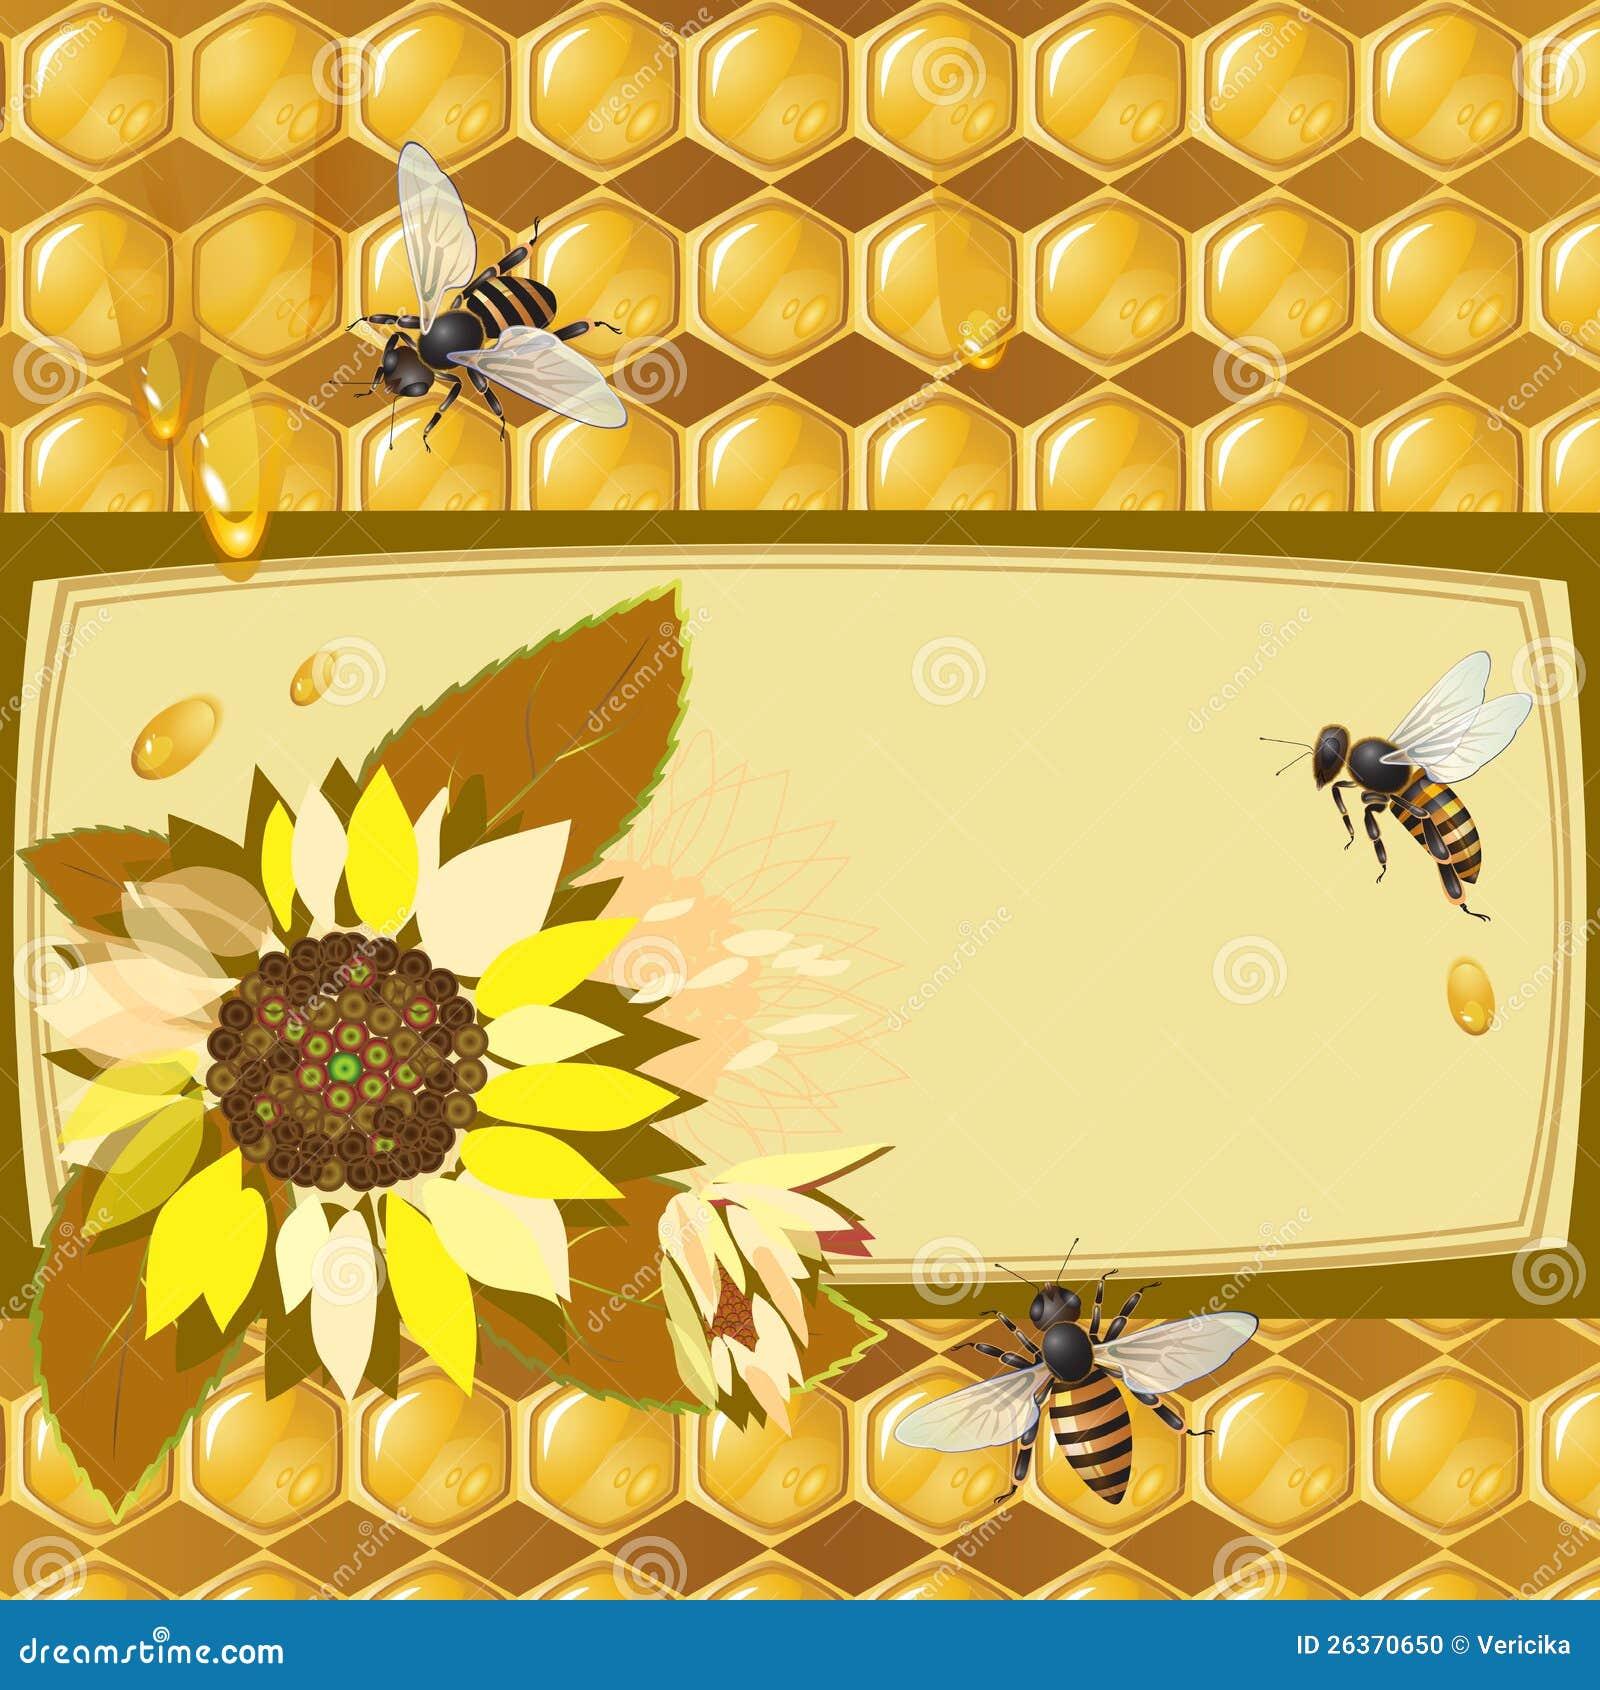 Hintergrund mit Bienen und Sonnenblumen